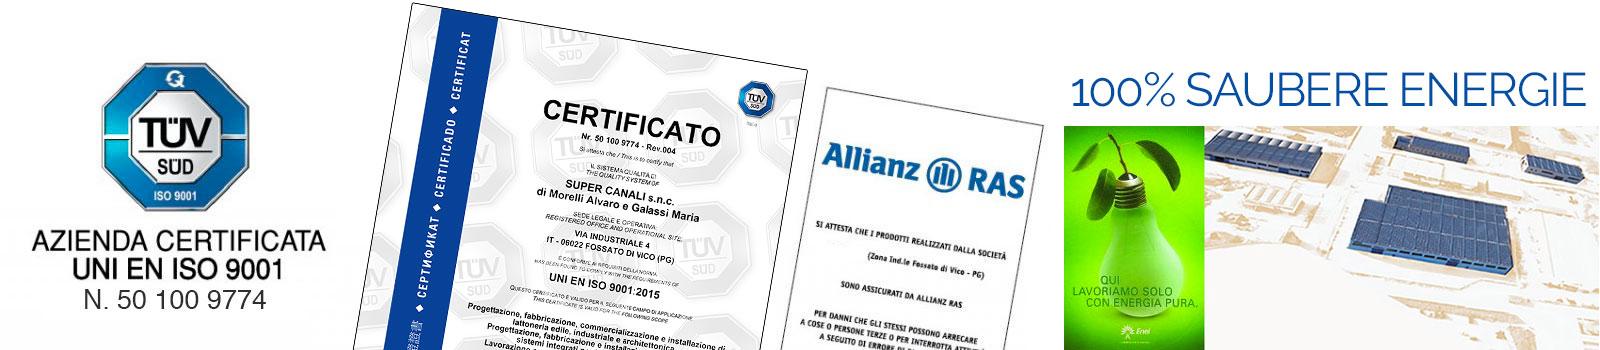 certificato-banner-de